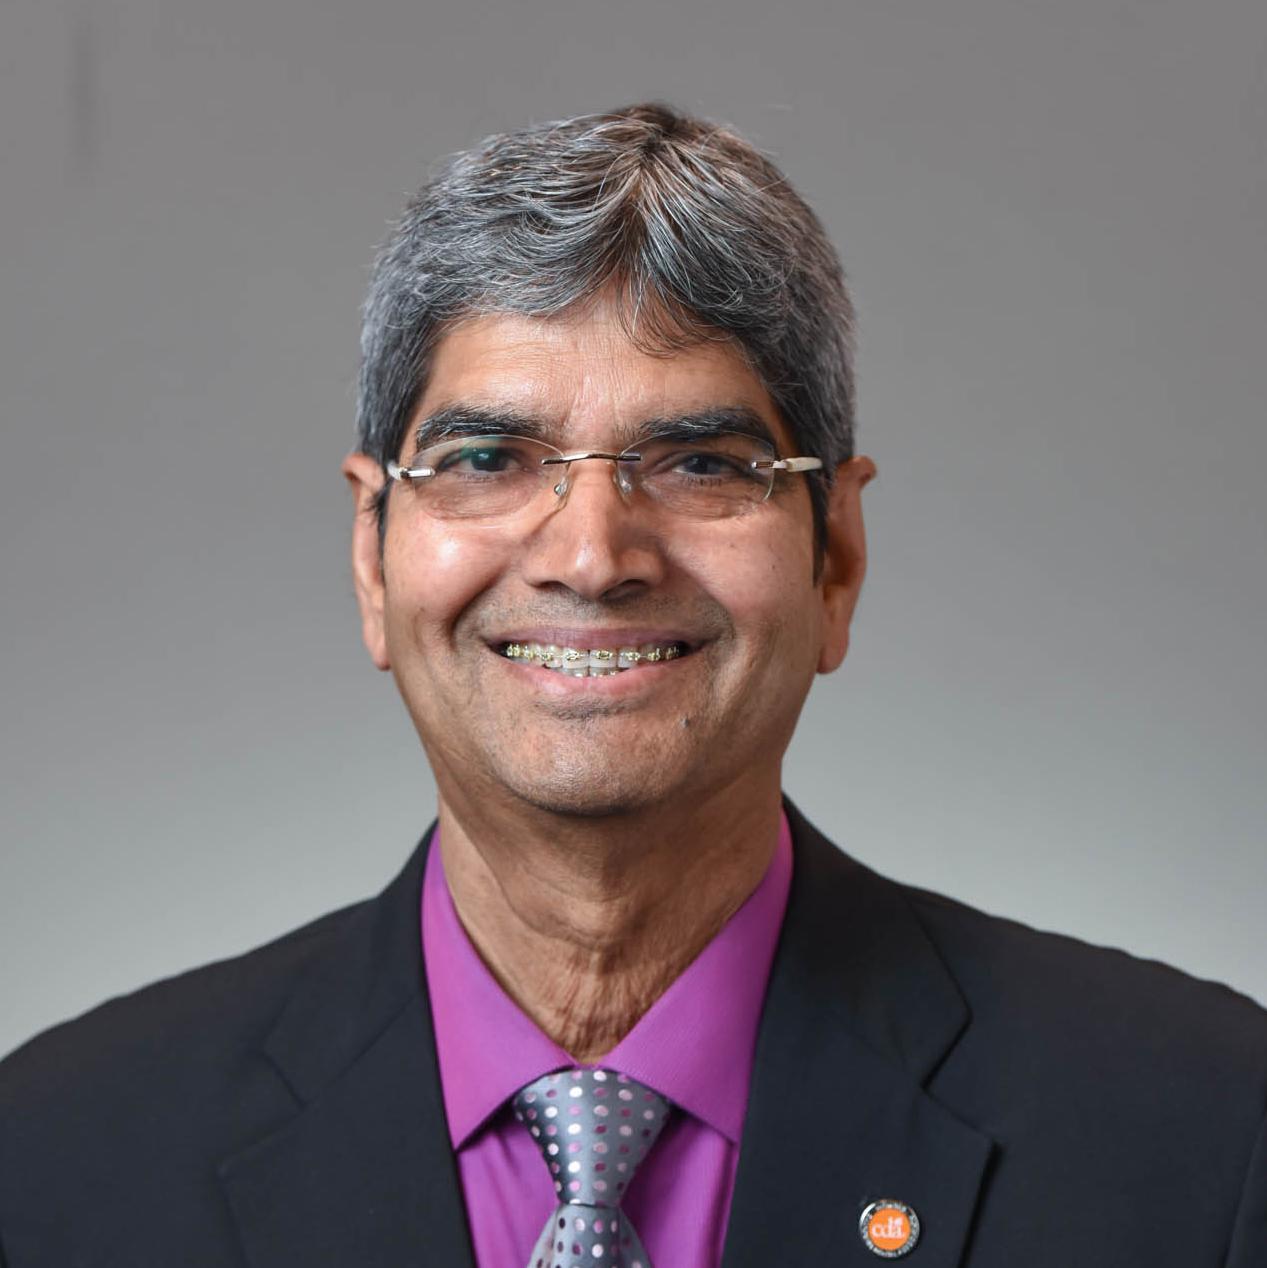 Dr. Kulwant Sisodia